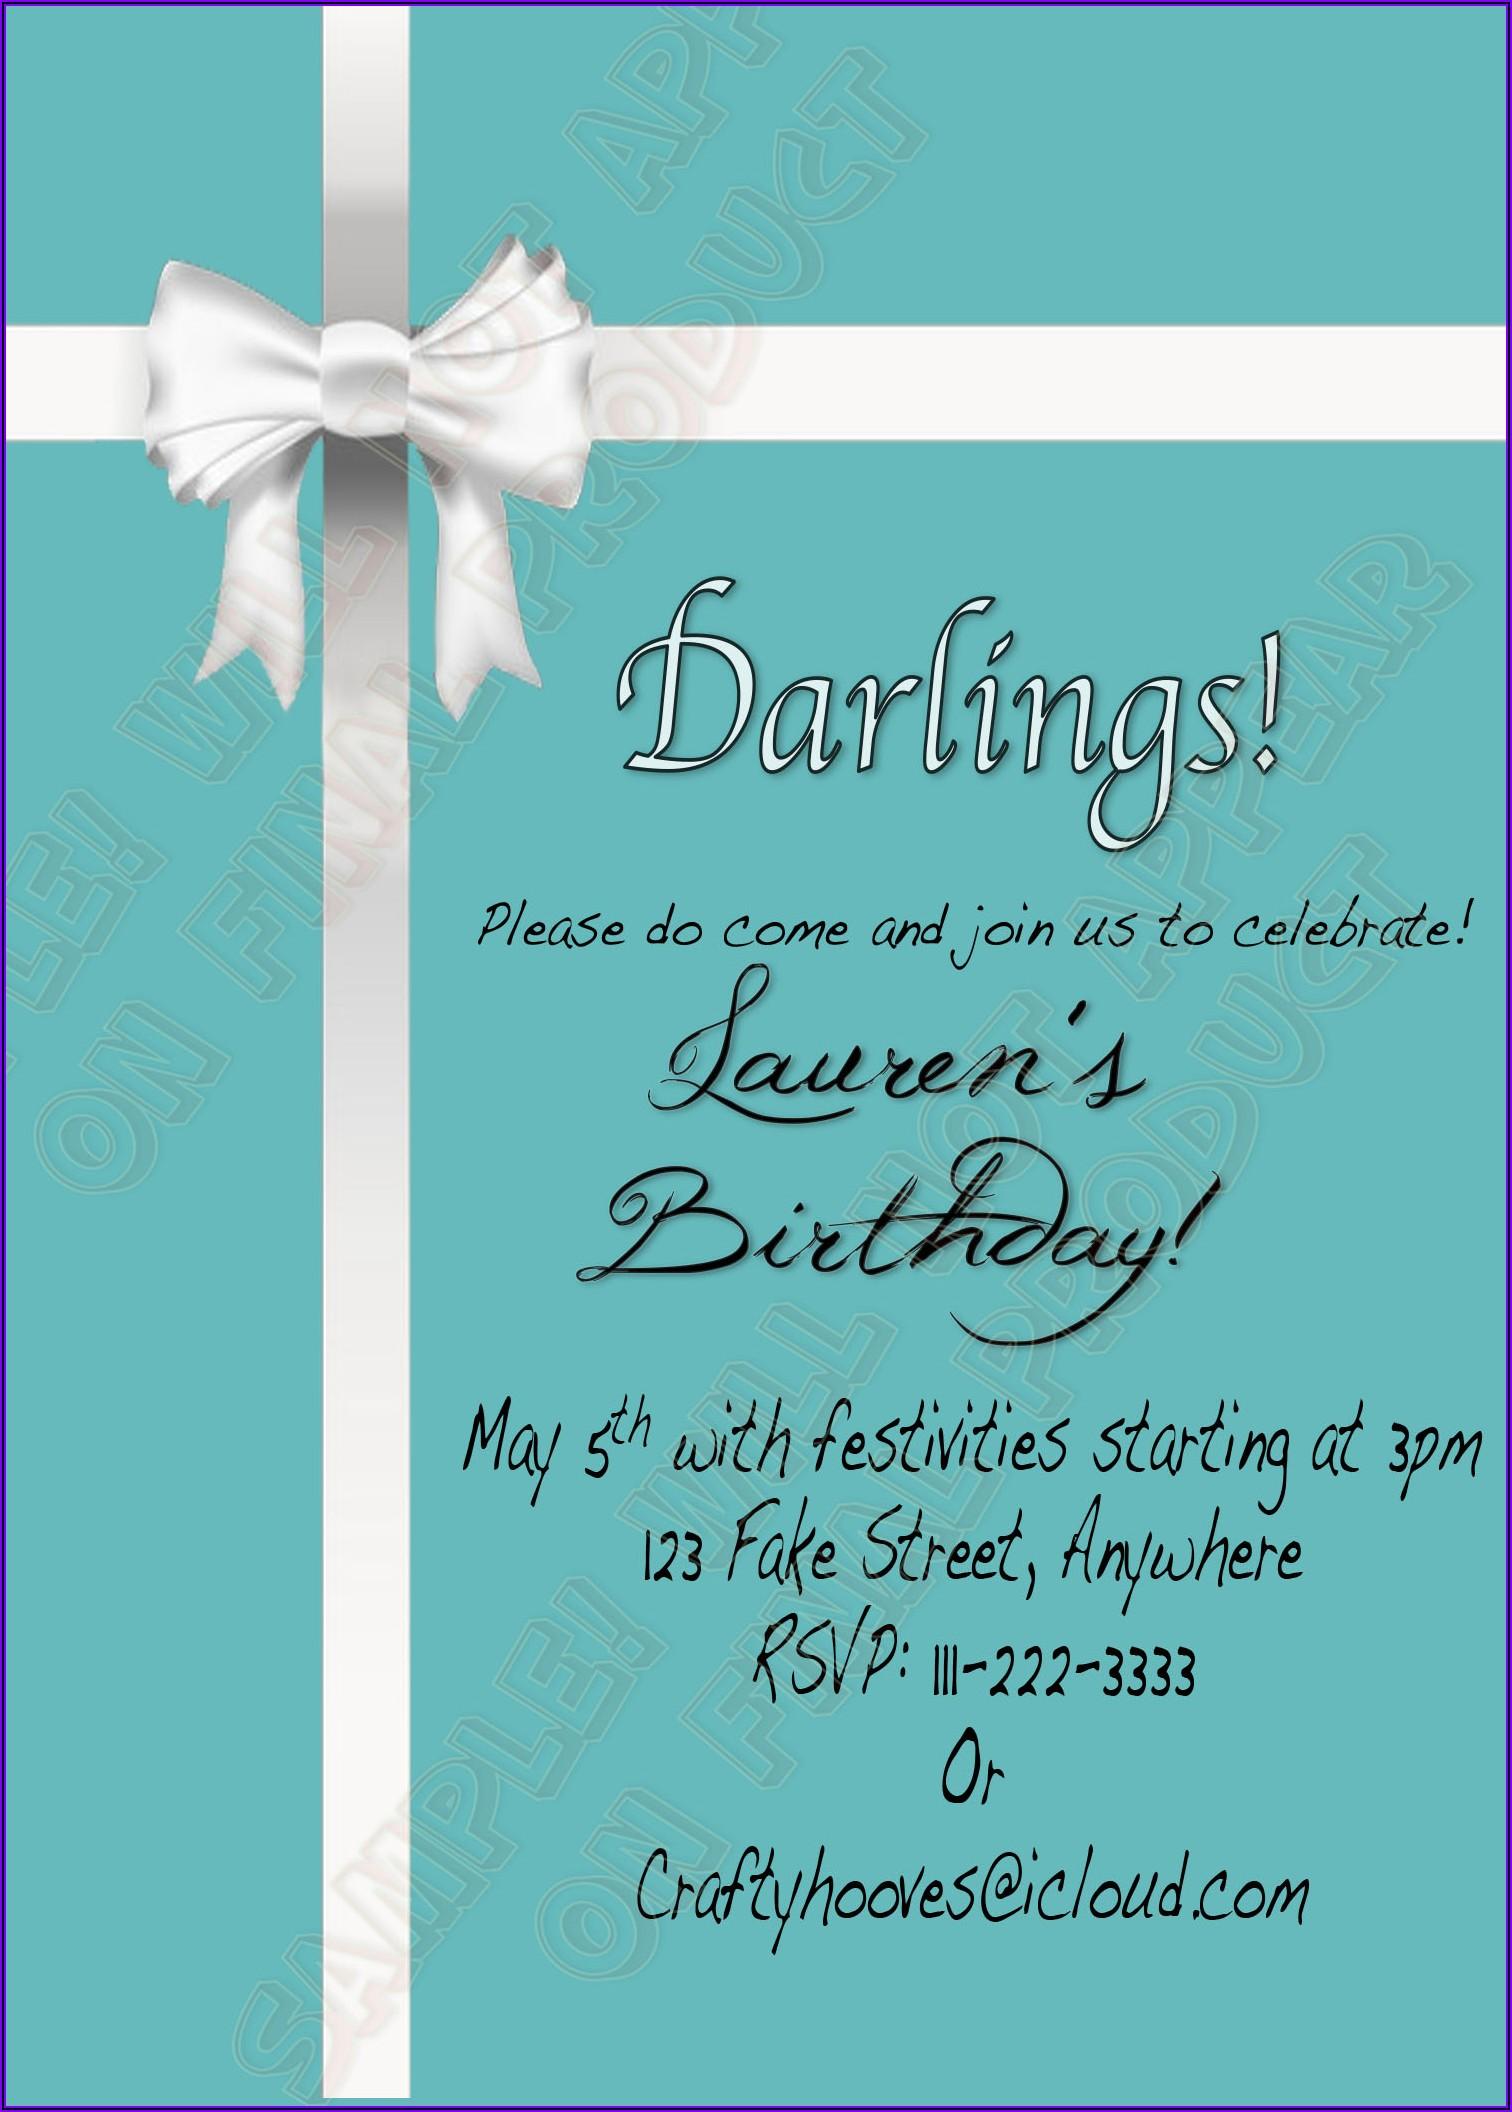 Breakfast At Tiffany's Birthday Invitations